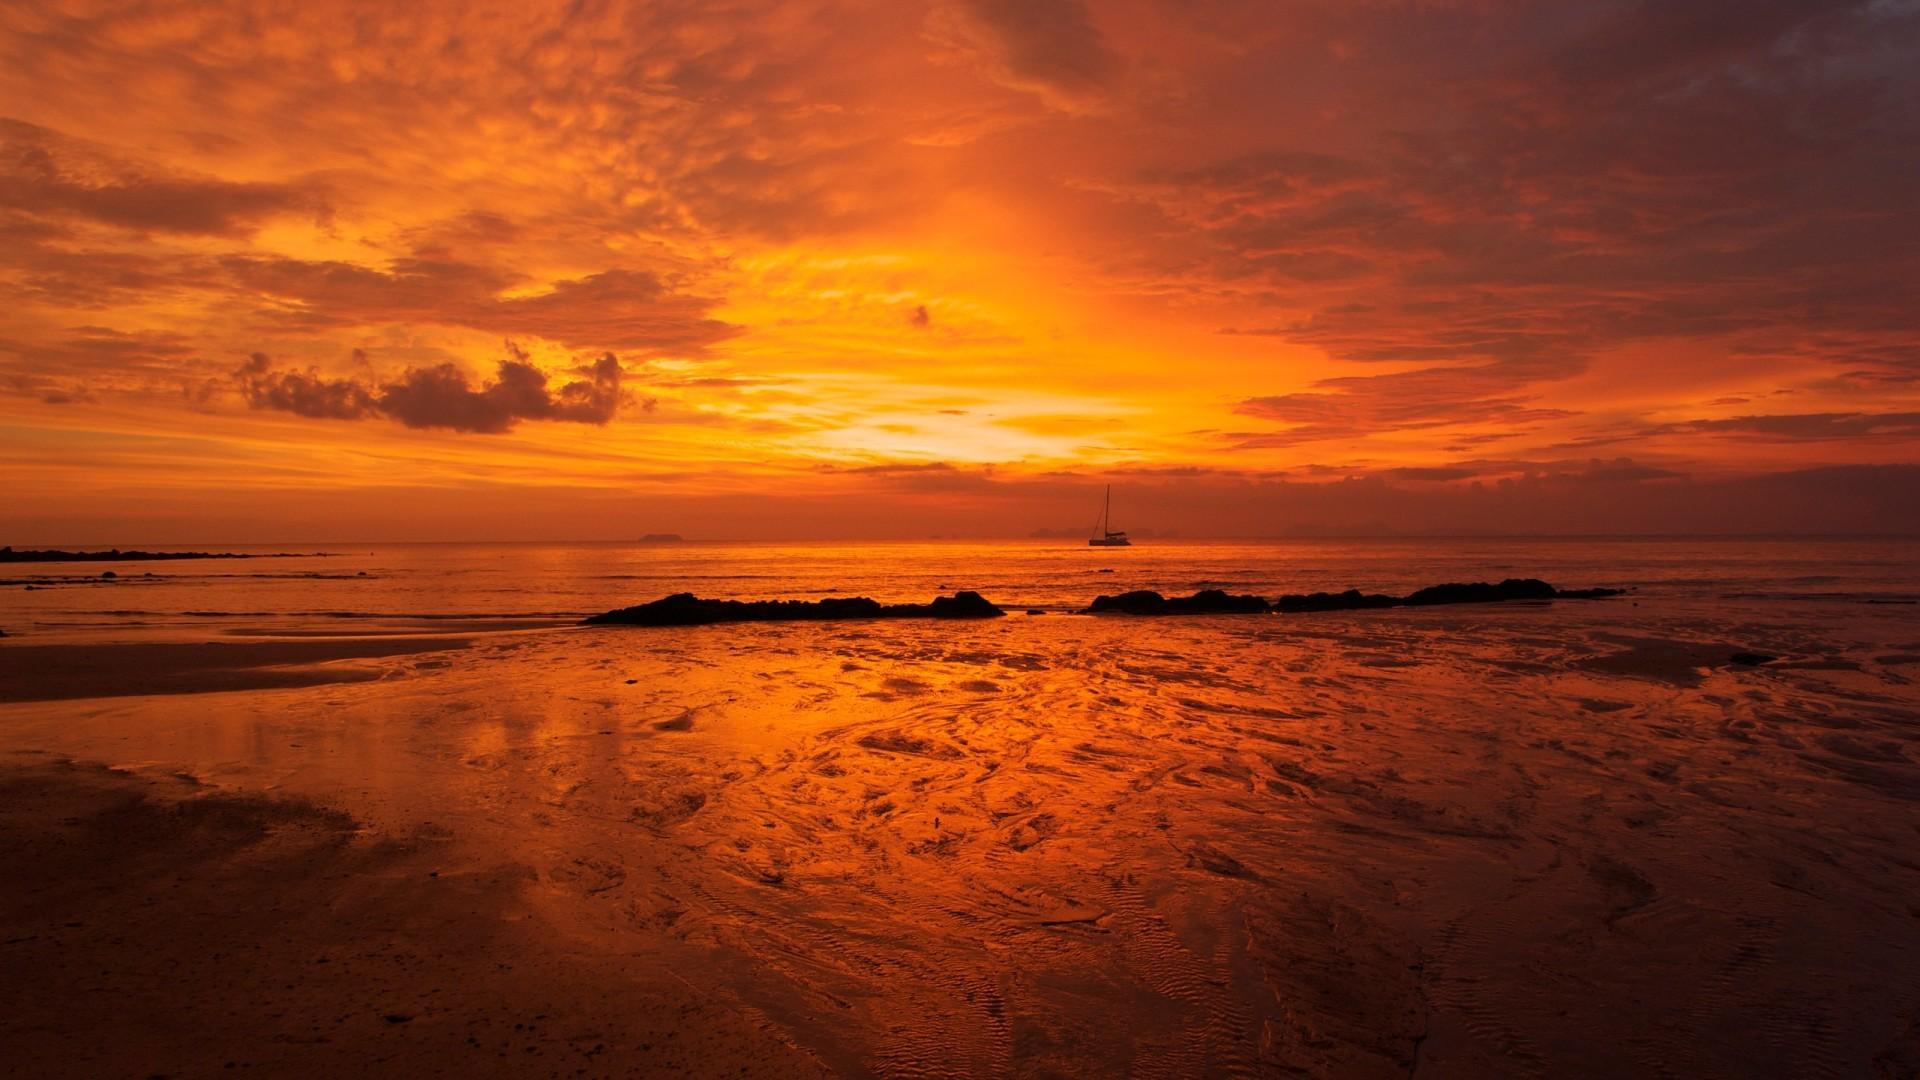 Orange Sunset Background 30012